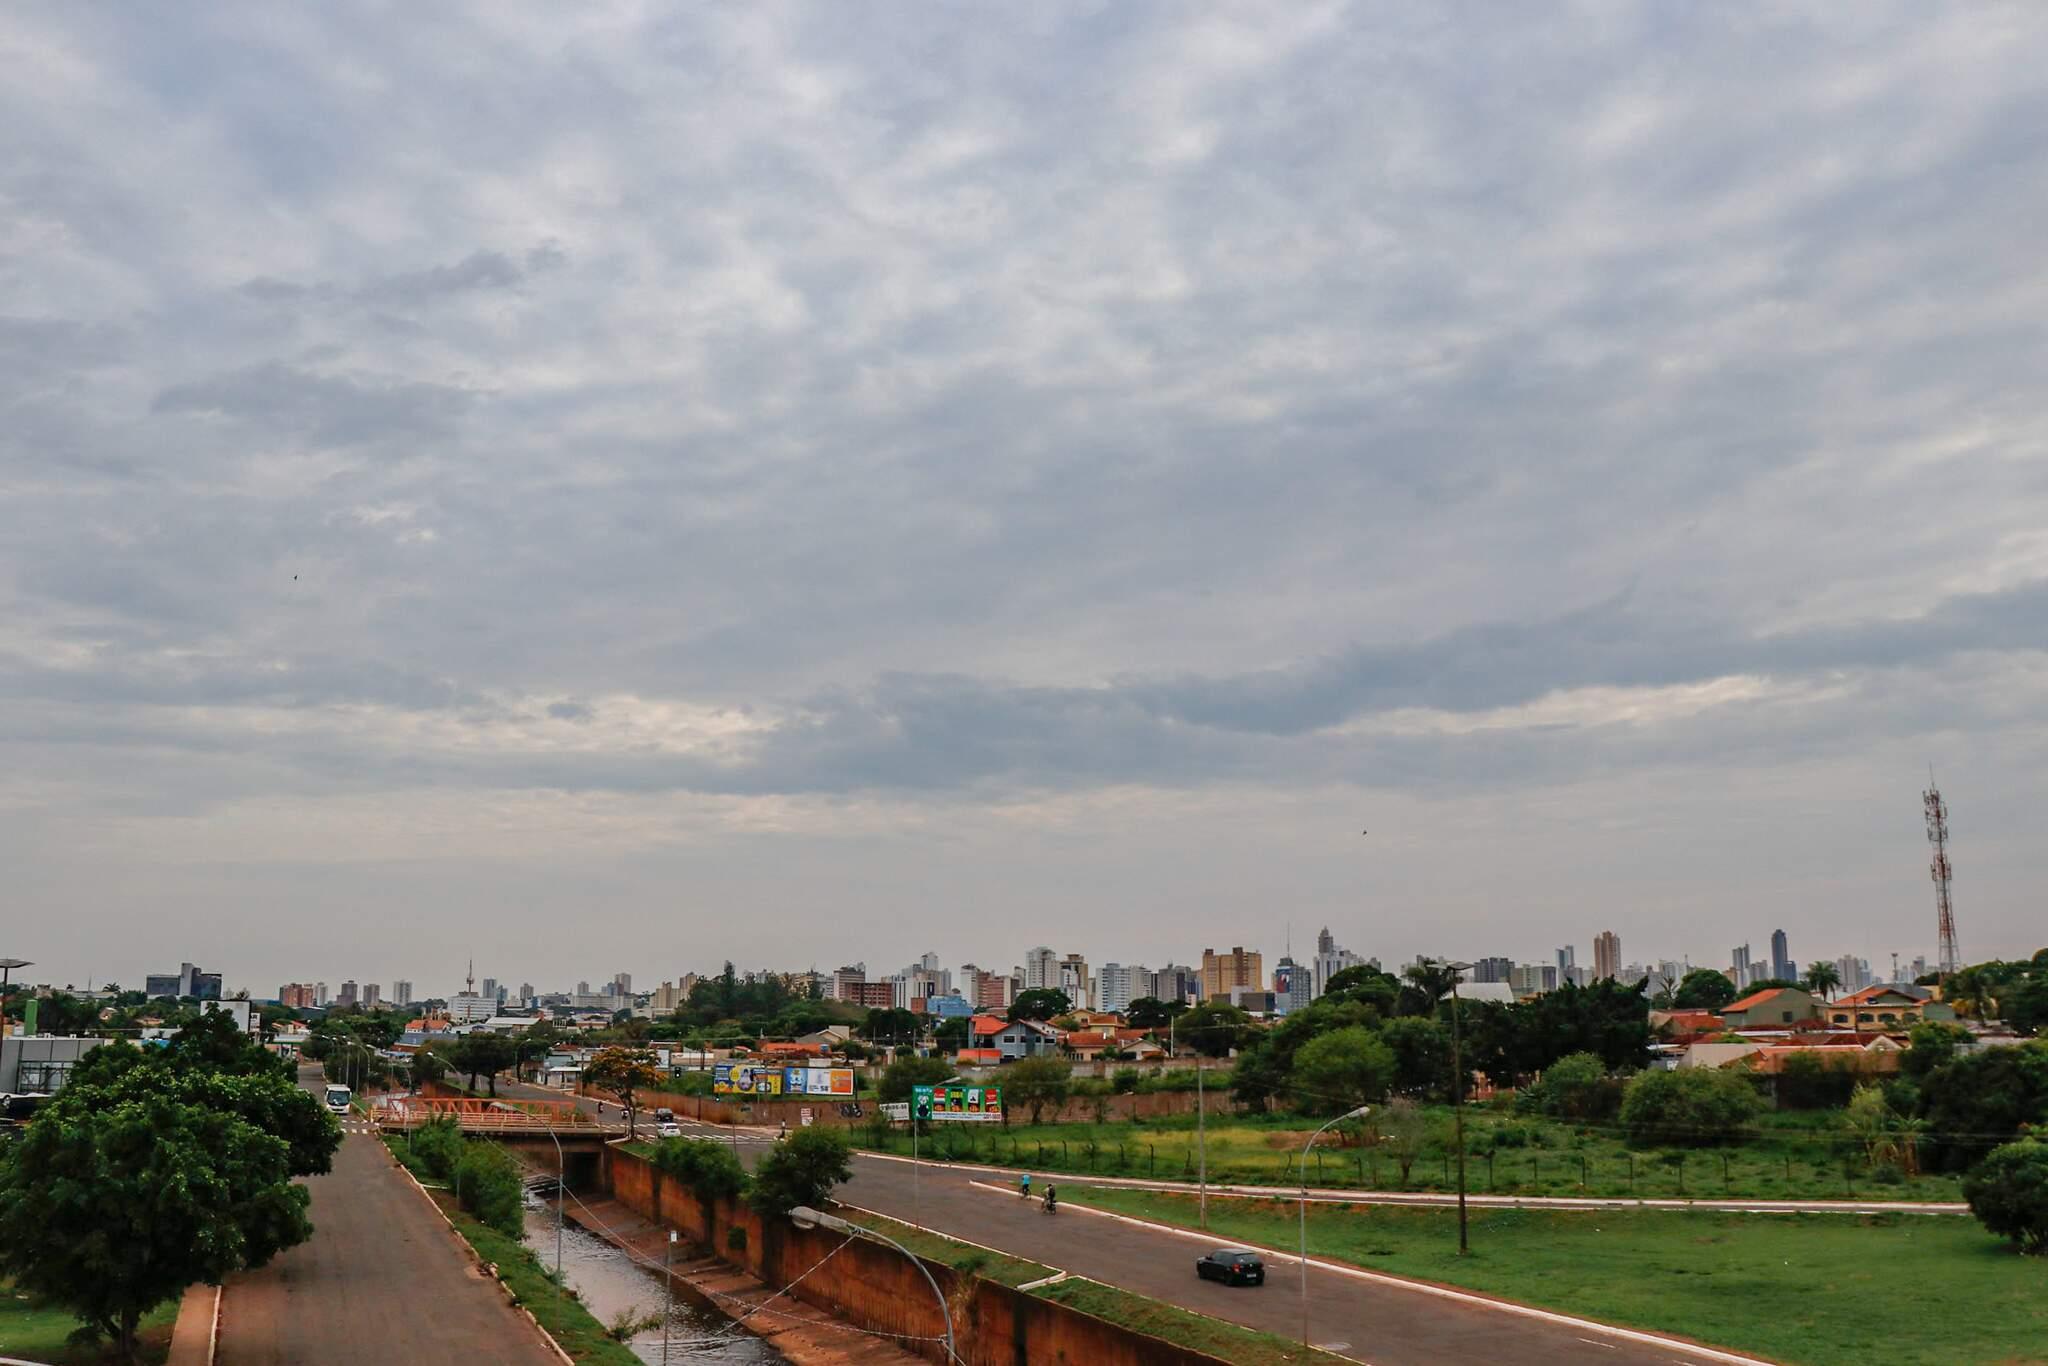 Dia amanhecendo com céu encoberto por nuvens na região da Avenida Ernesto Geisel, em Campo Grande (Foto: Henrique Kawaminami)